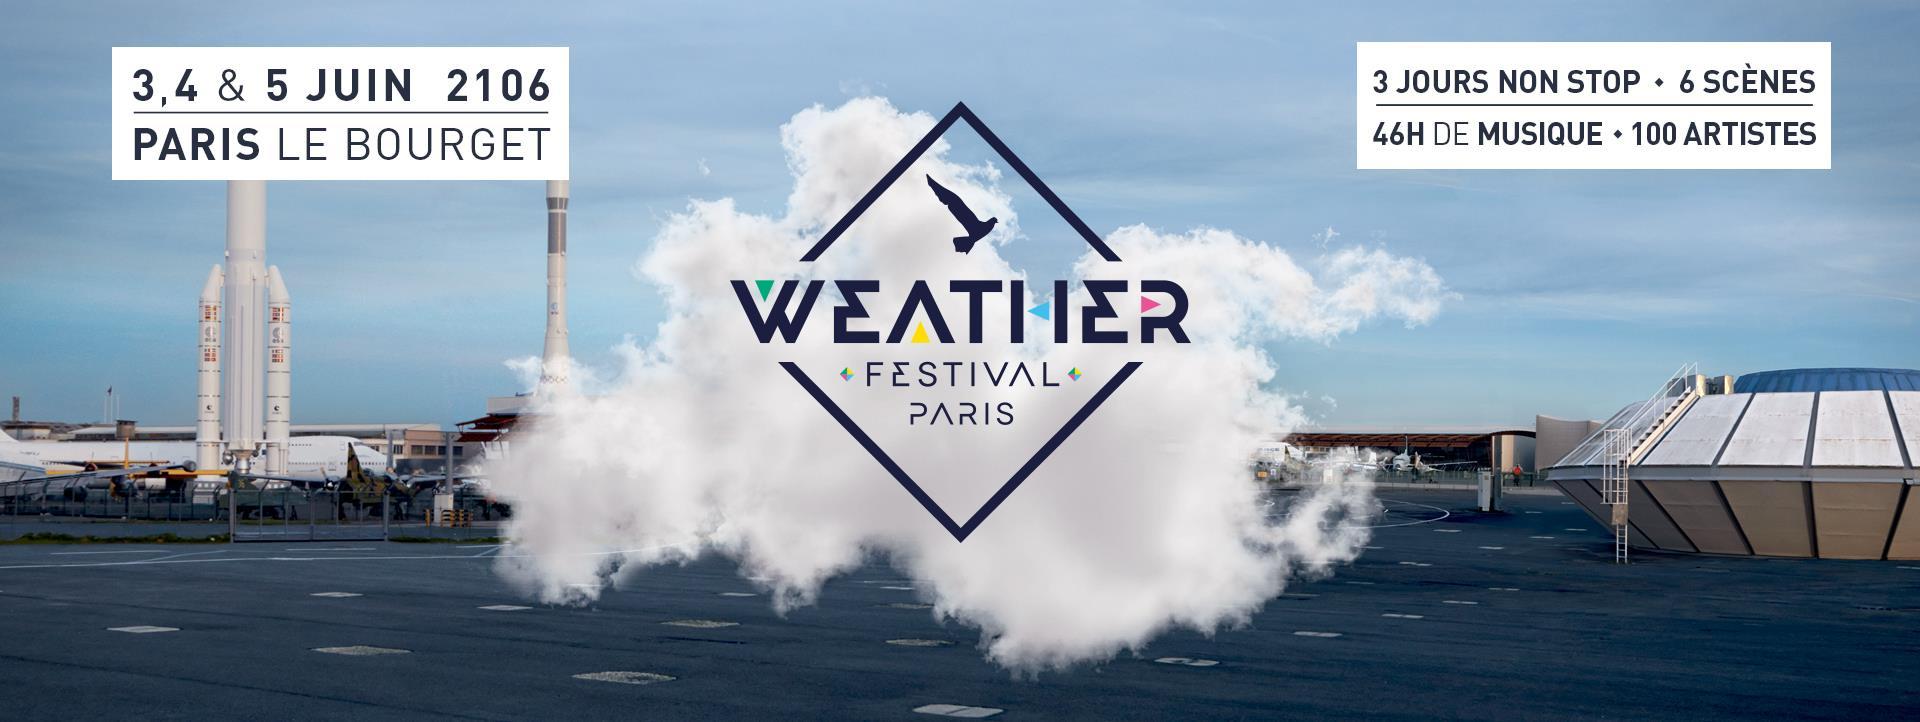 Weather Paris Festival 2016 – De la pelouse au tarmac…